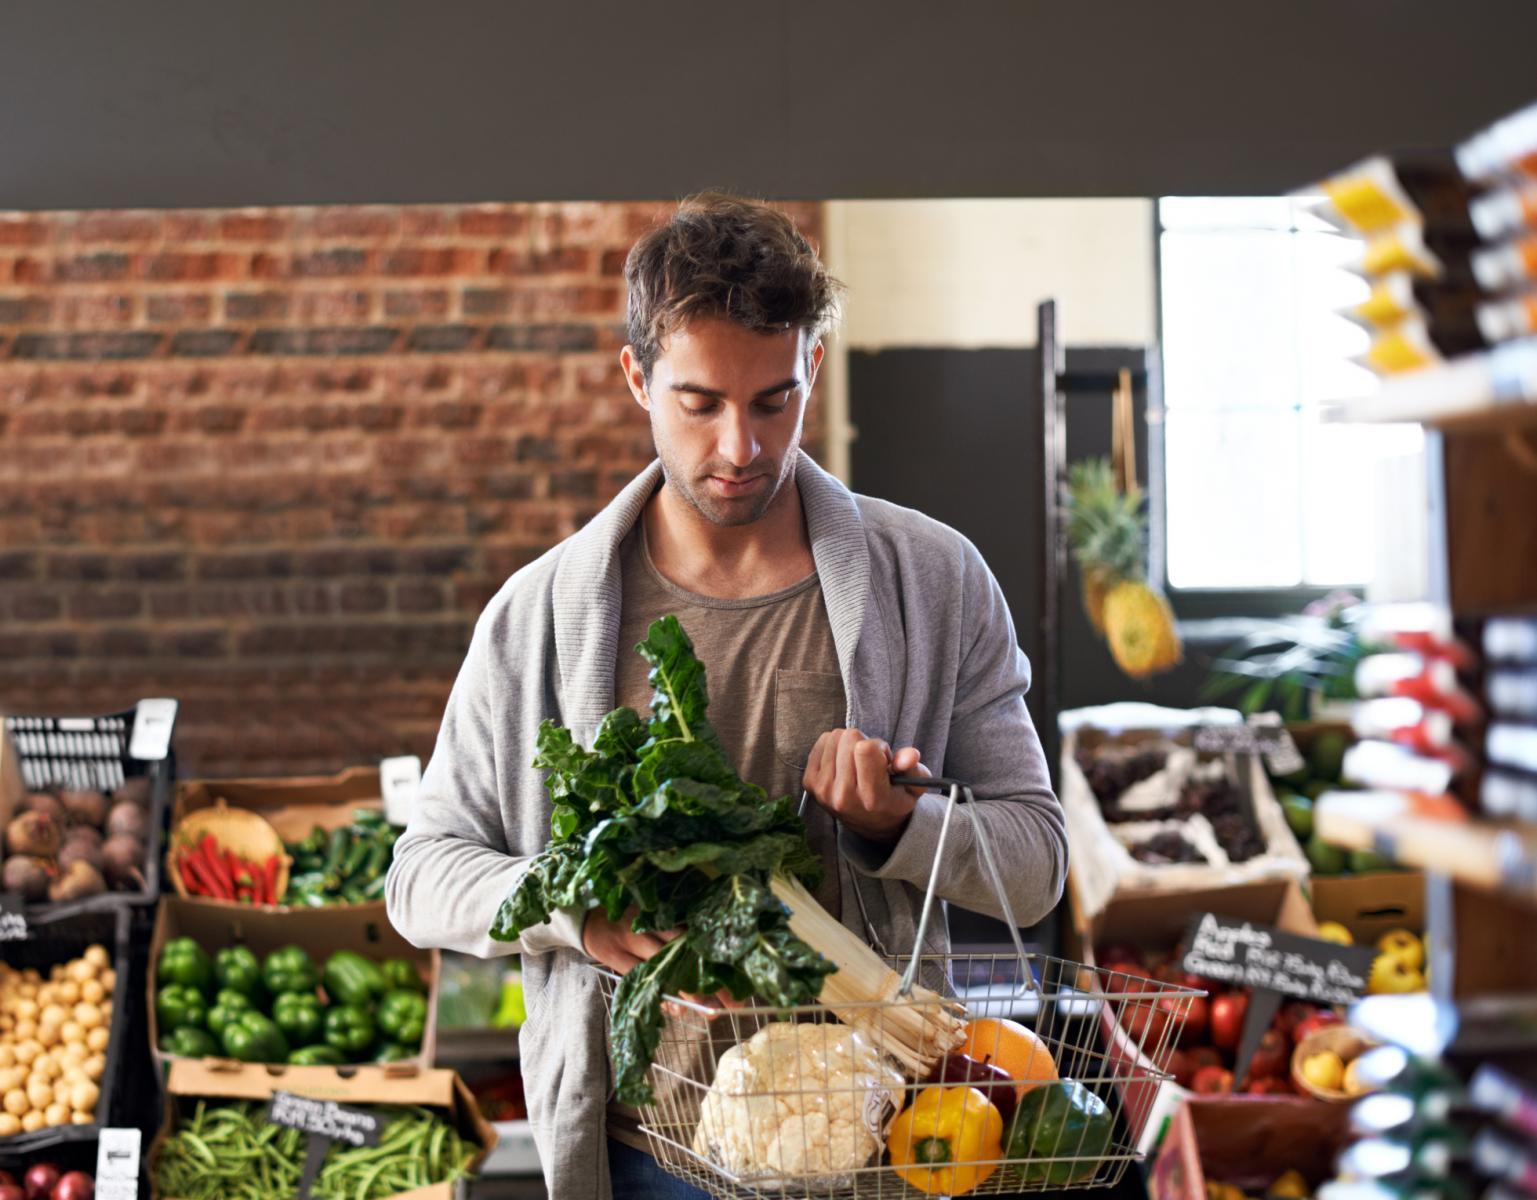 Studije su pokazale da klorofil, zeleni pigmet iz povrća, štiti debelo crijevo od raka, a zeleno povrće štiti i srce.